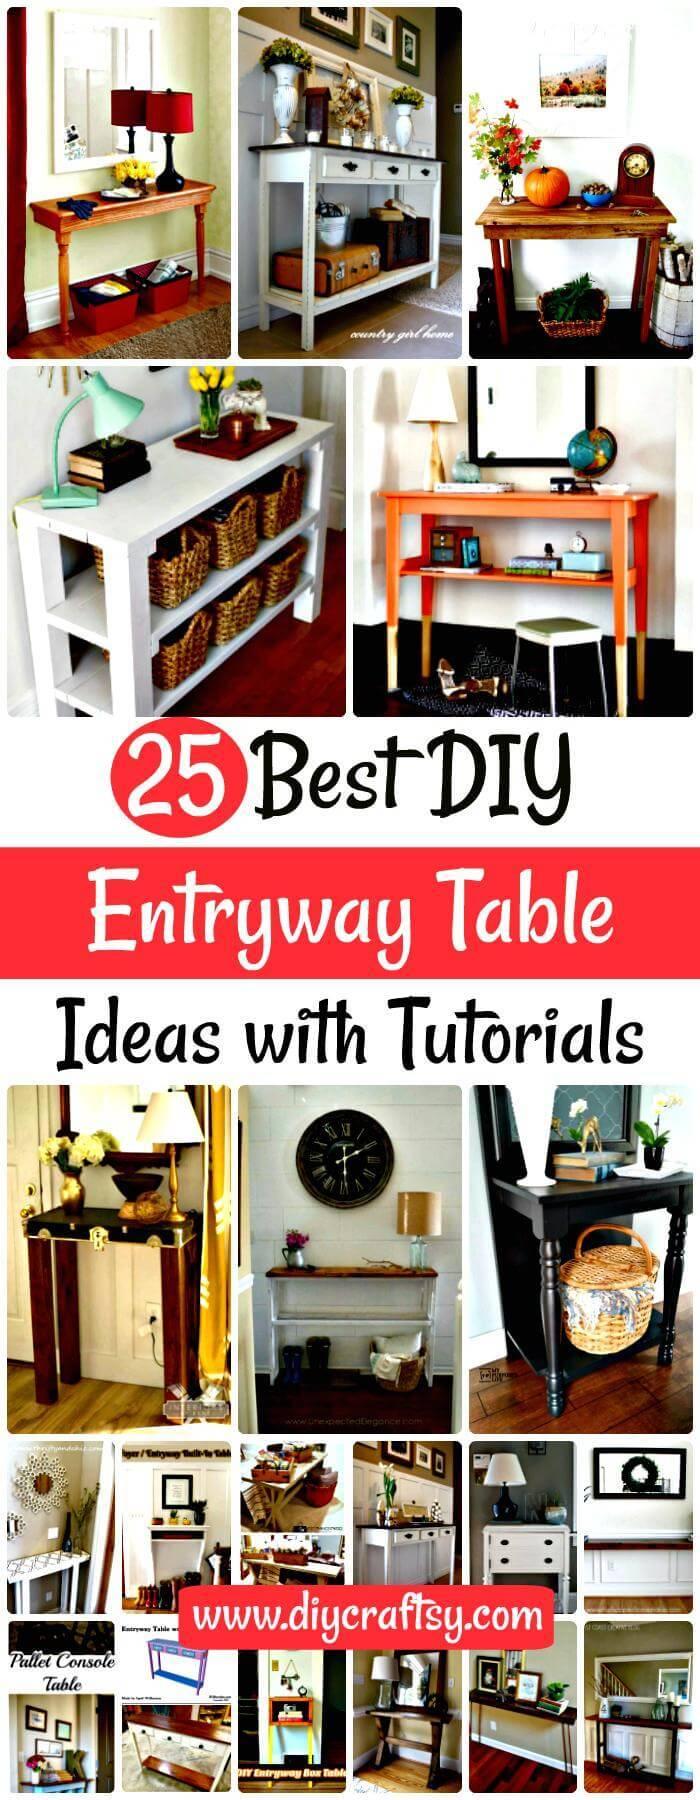 DIY Entryway Table Ideas